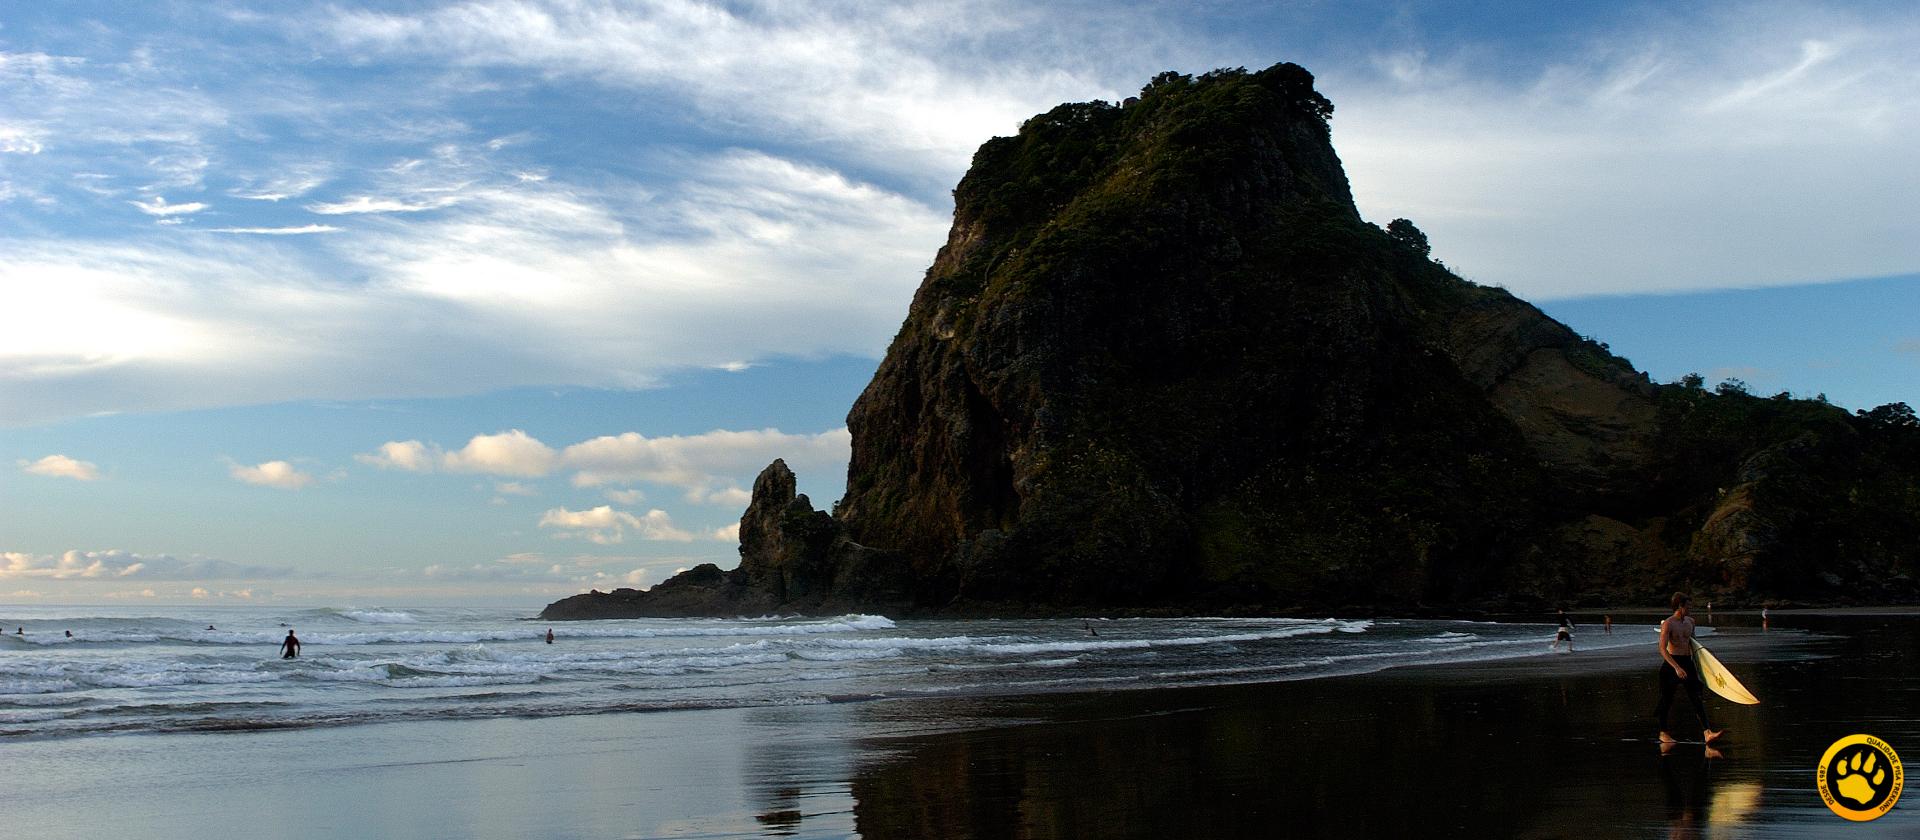 Dica de Viagem: Tudo sobre a Nova Zelândia